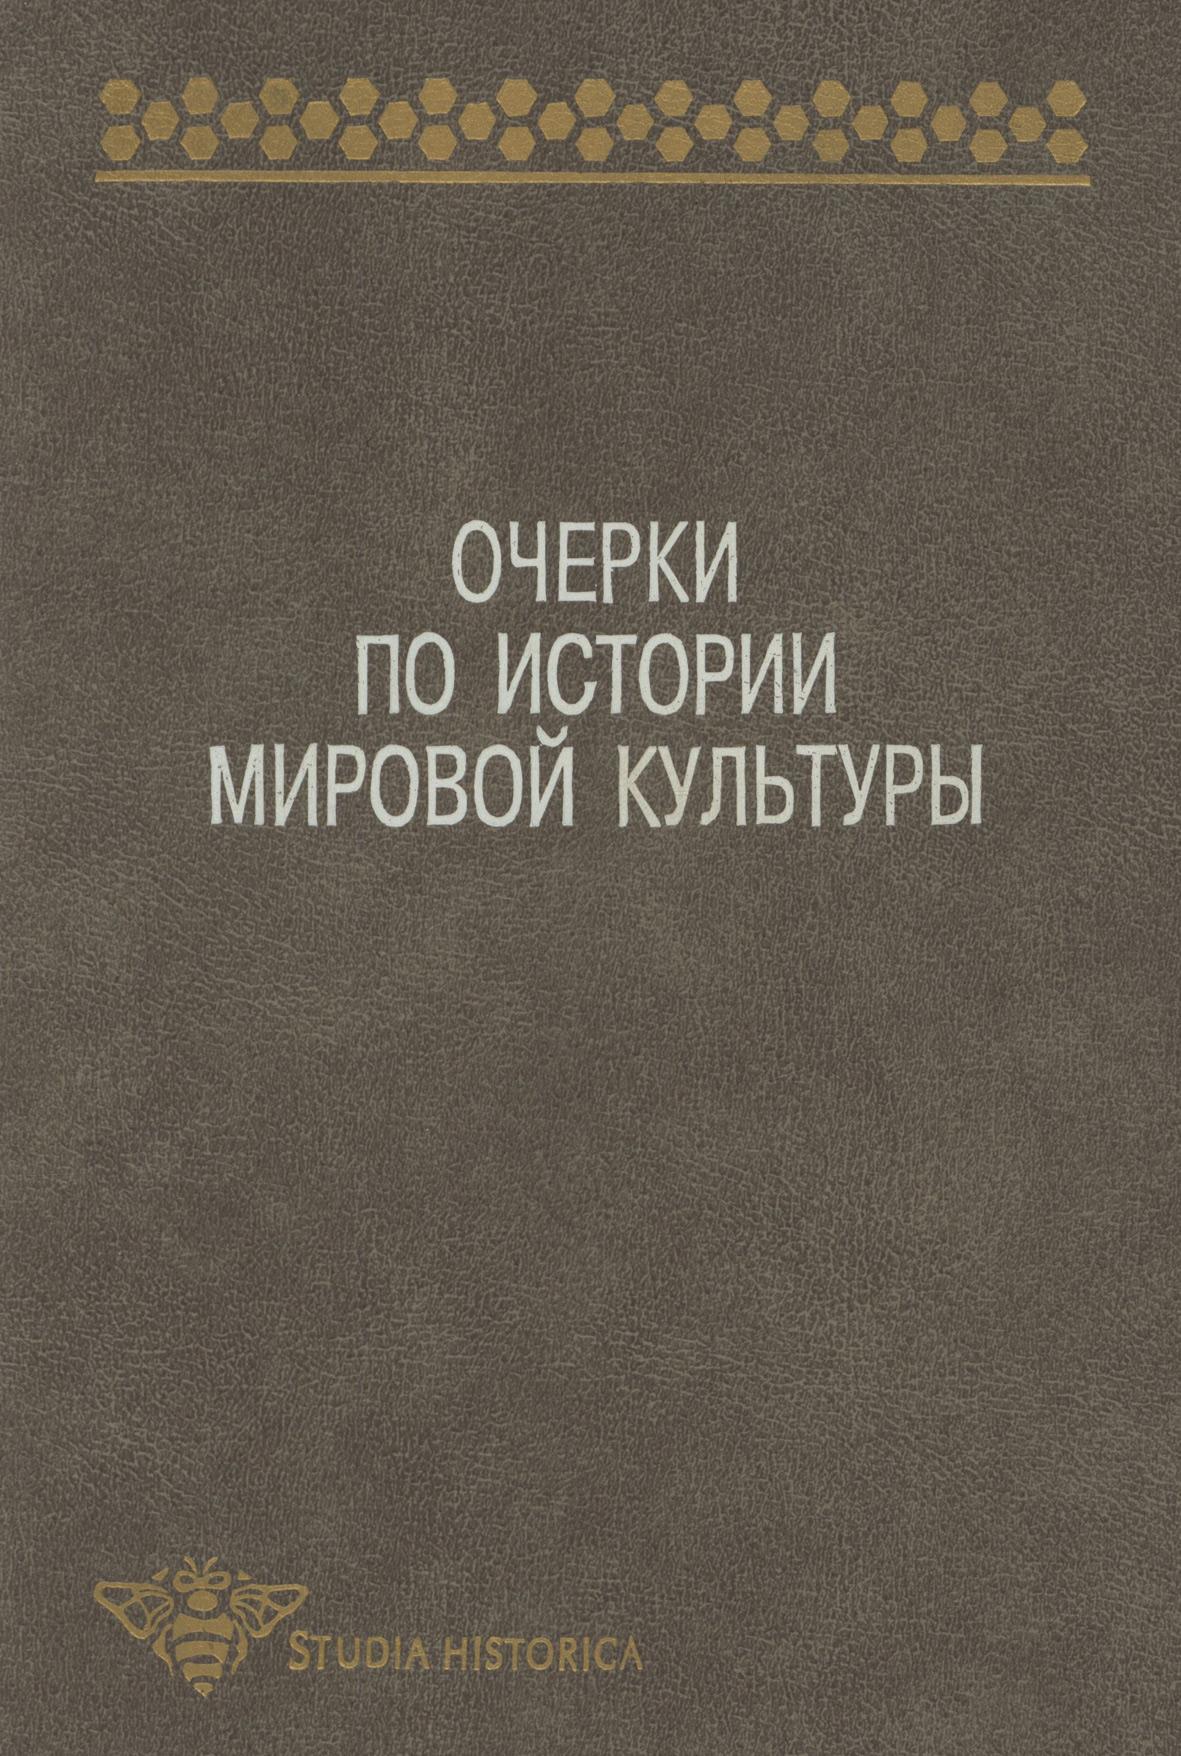 Коллектив авторов Очерки по истории мировой культуры